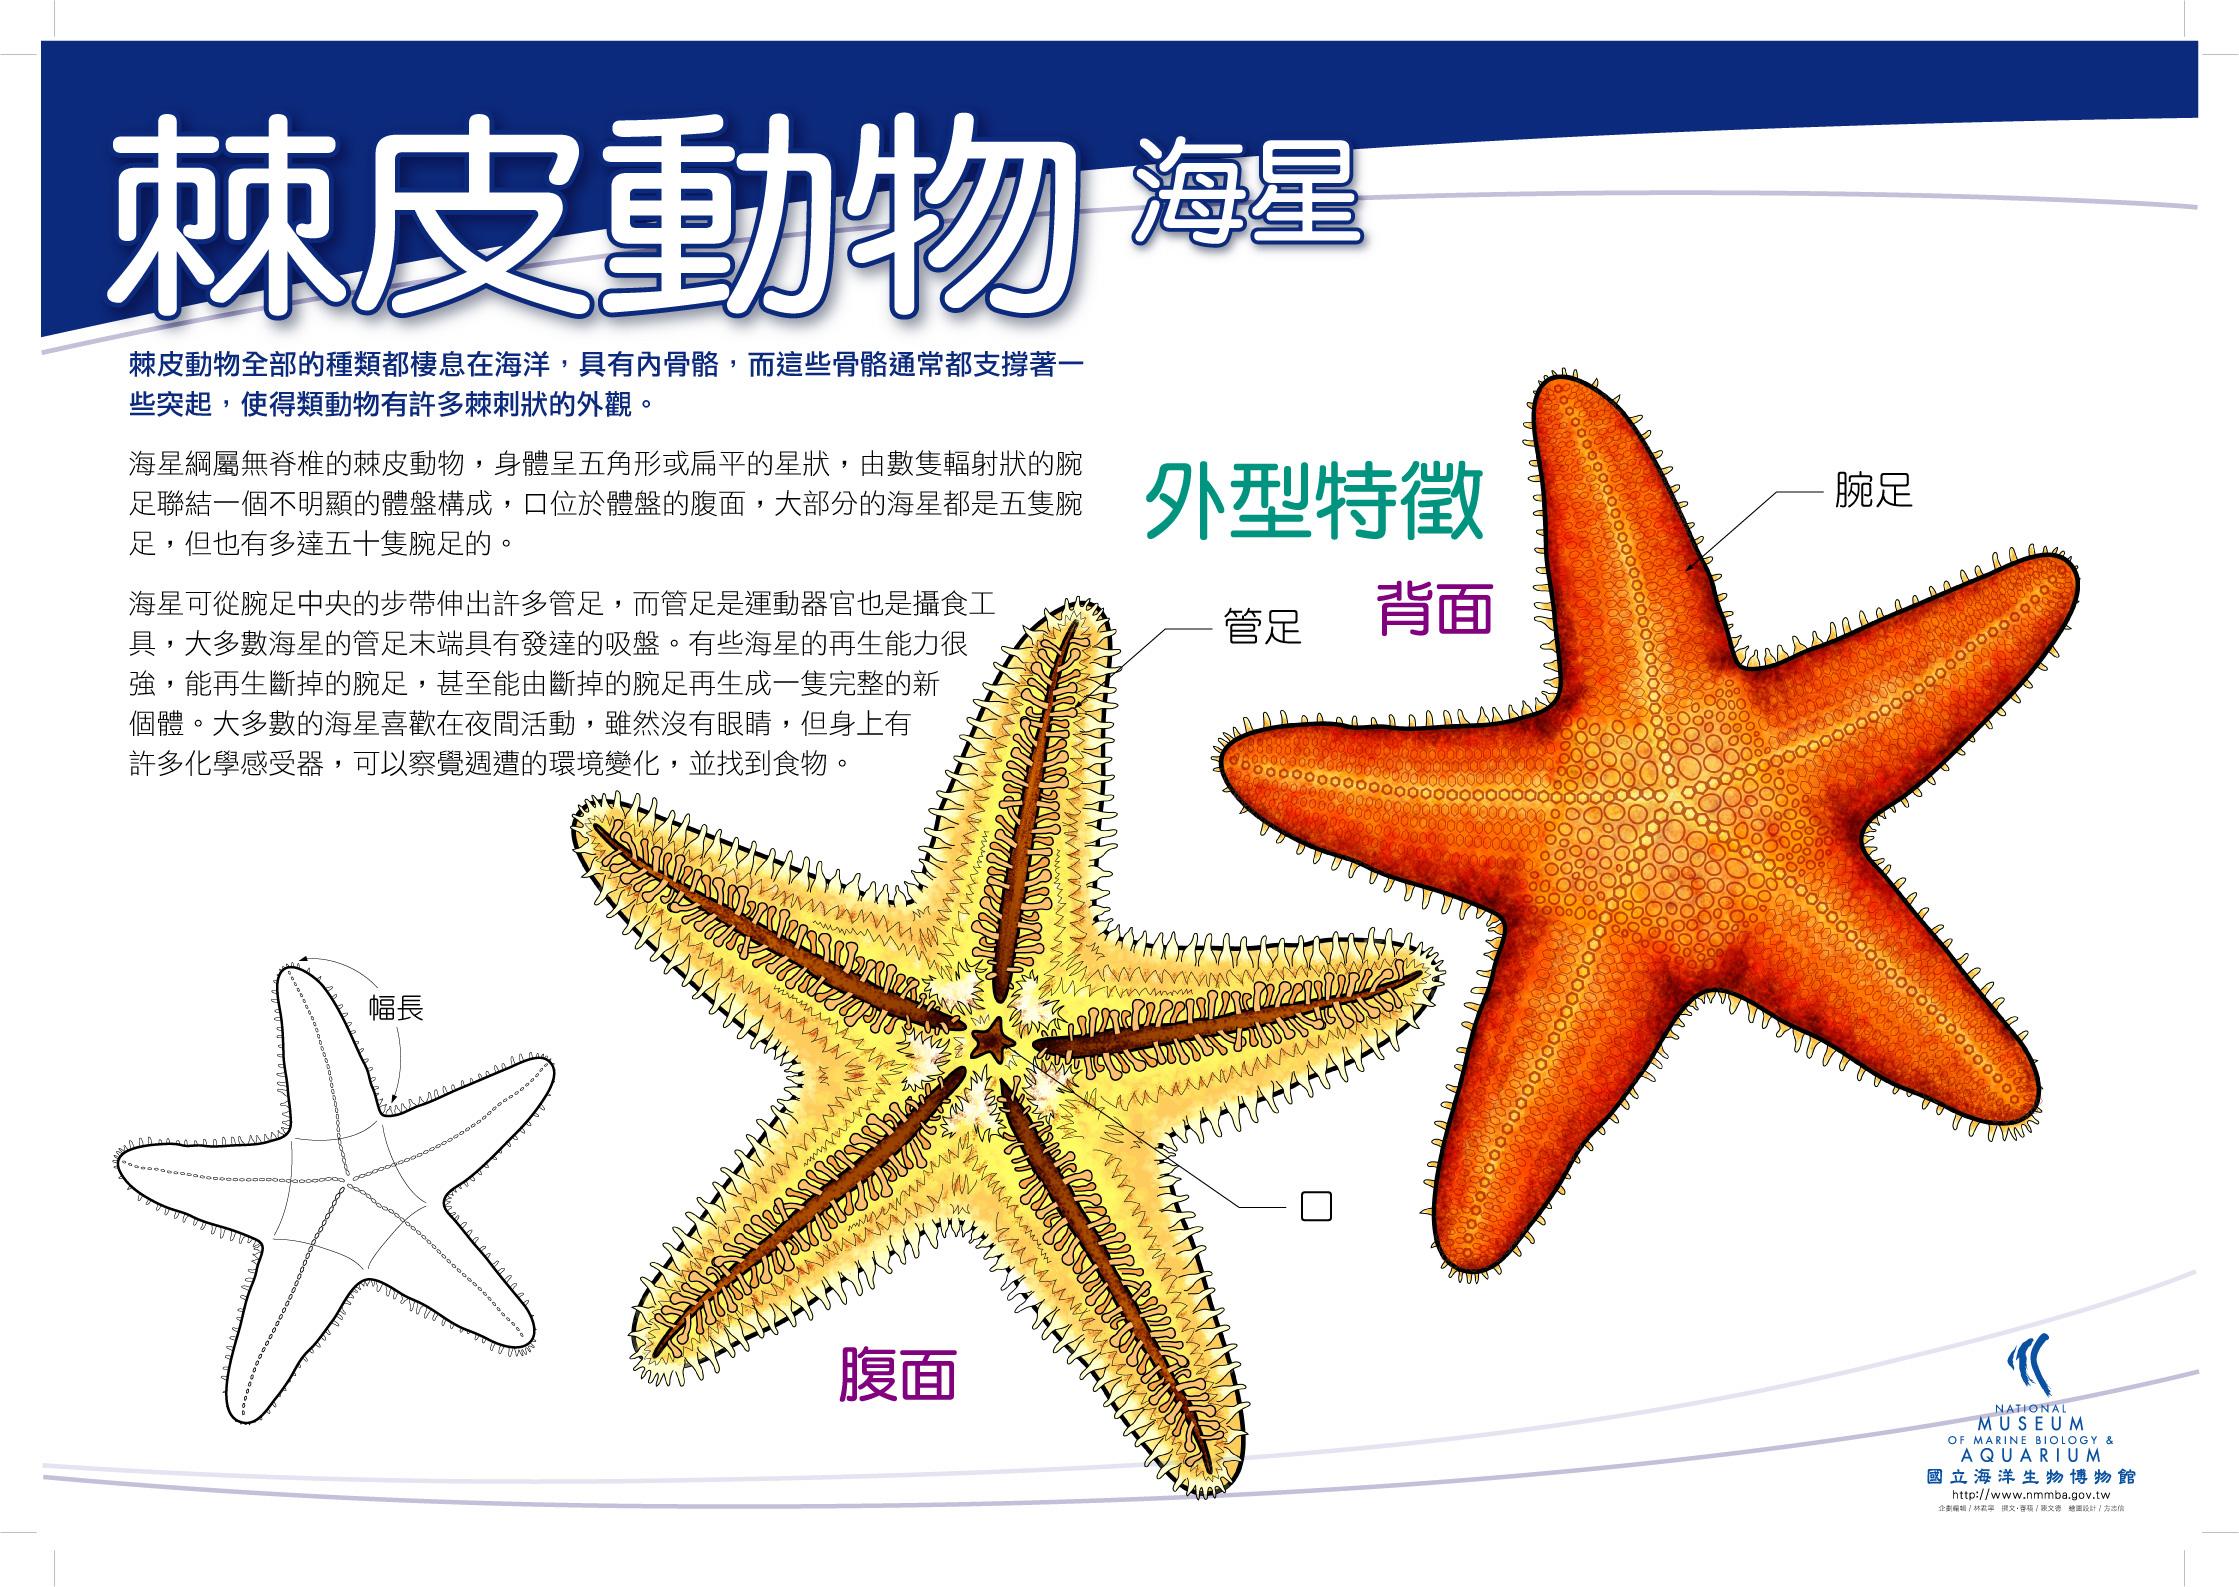 棘皮動物 - 海星